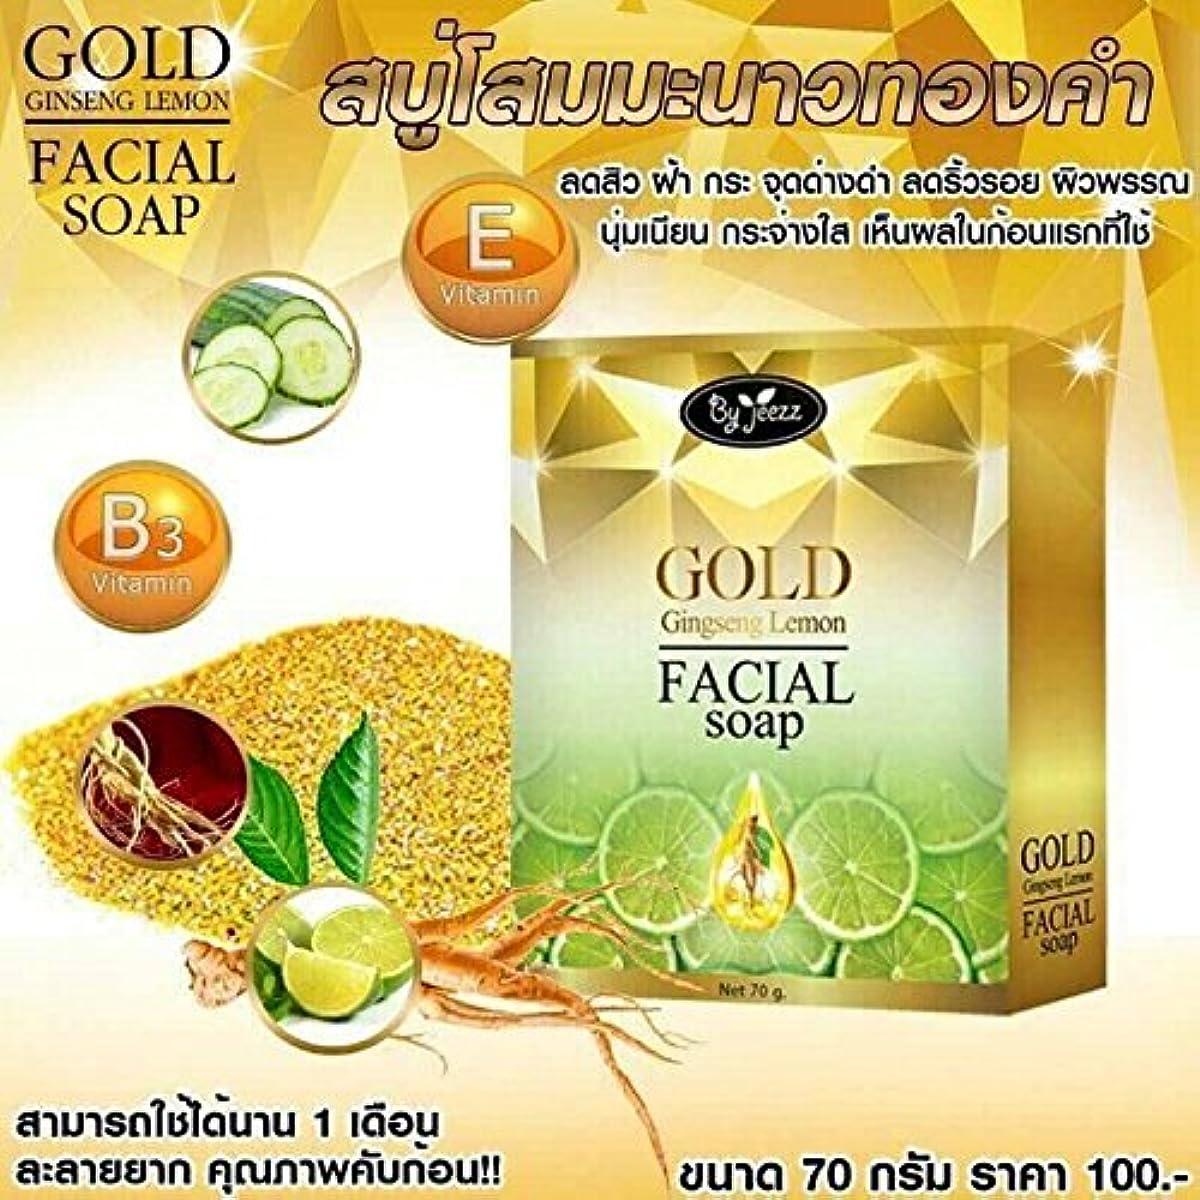 あいさつ明るいアルミニウム1 X Natural Herbal Whitening Soap. Ginseng Lemon Soap (Gold Ginseng Lemon Facial Soap by jeezz) 70 g. Free shipping